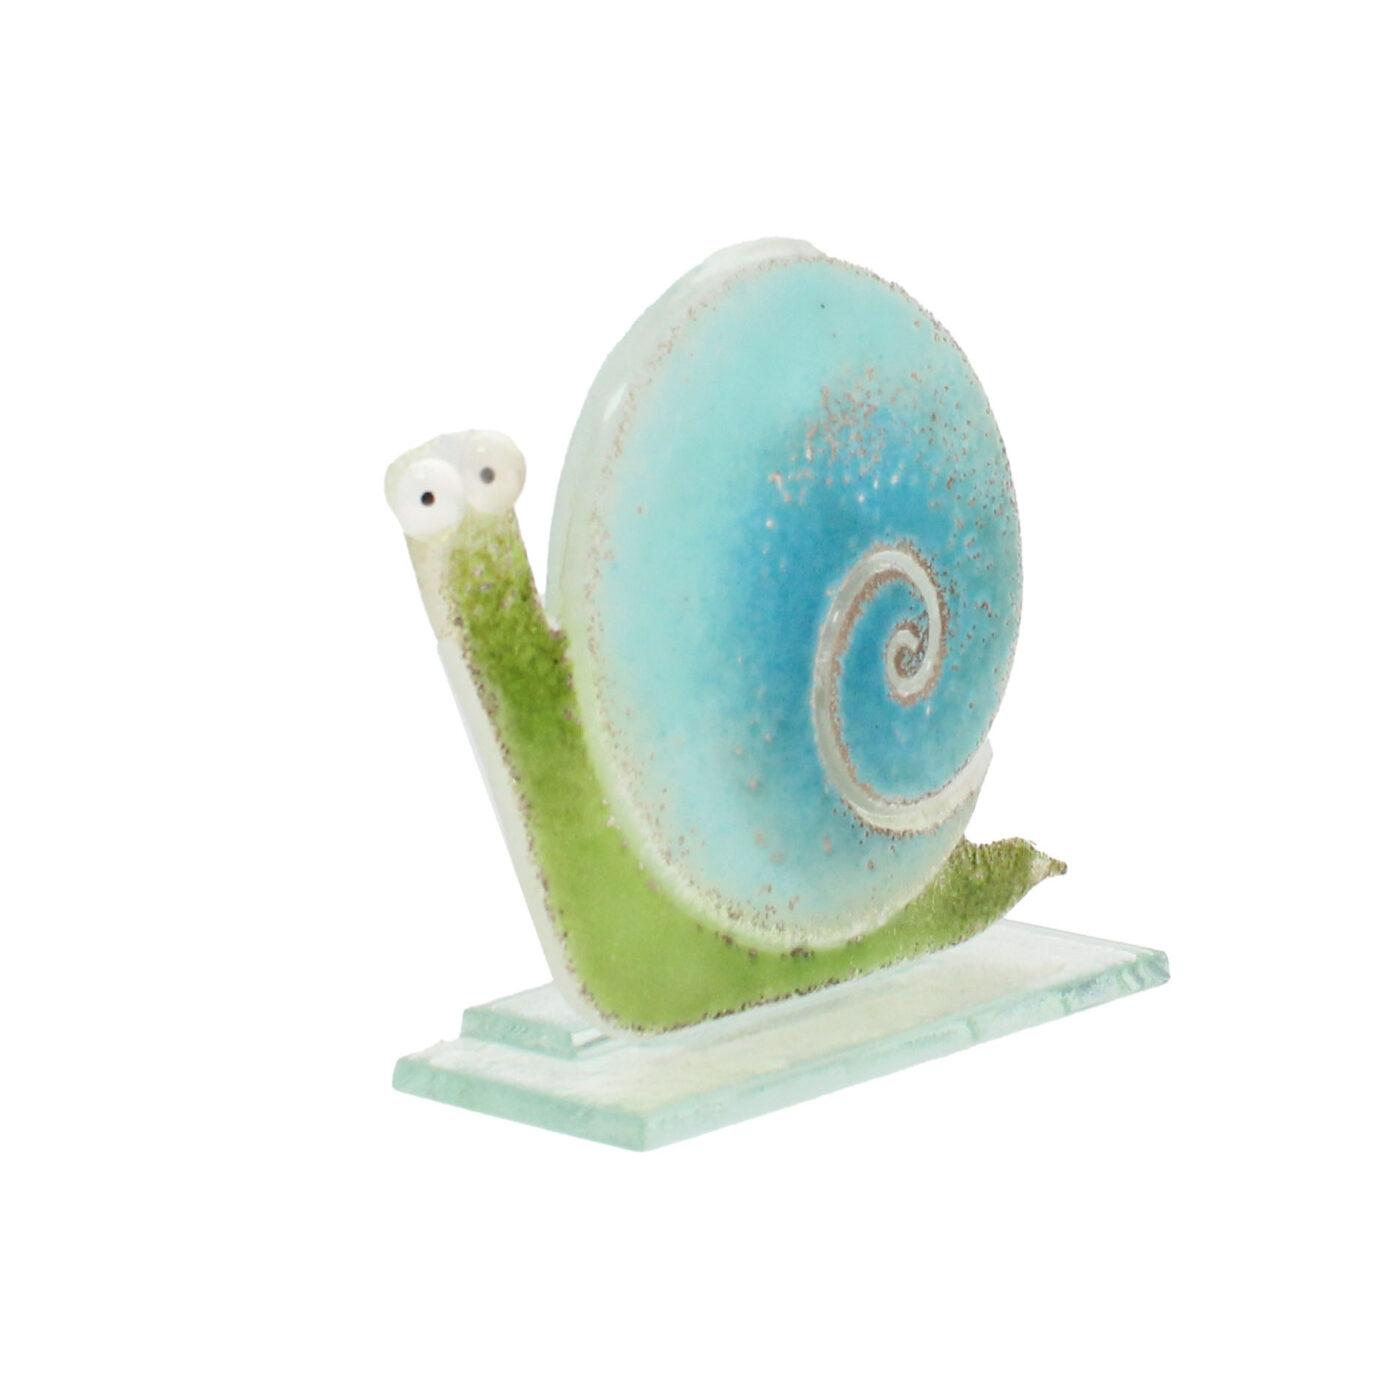 glass snail blue green sculpture